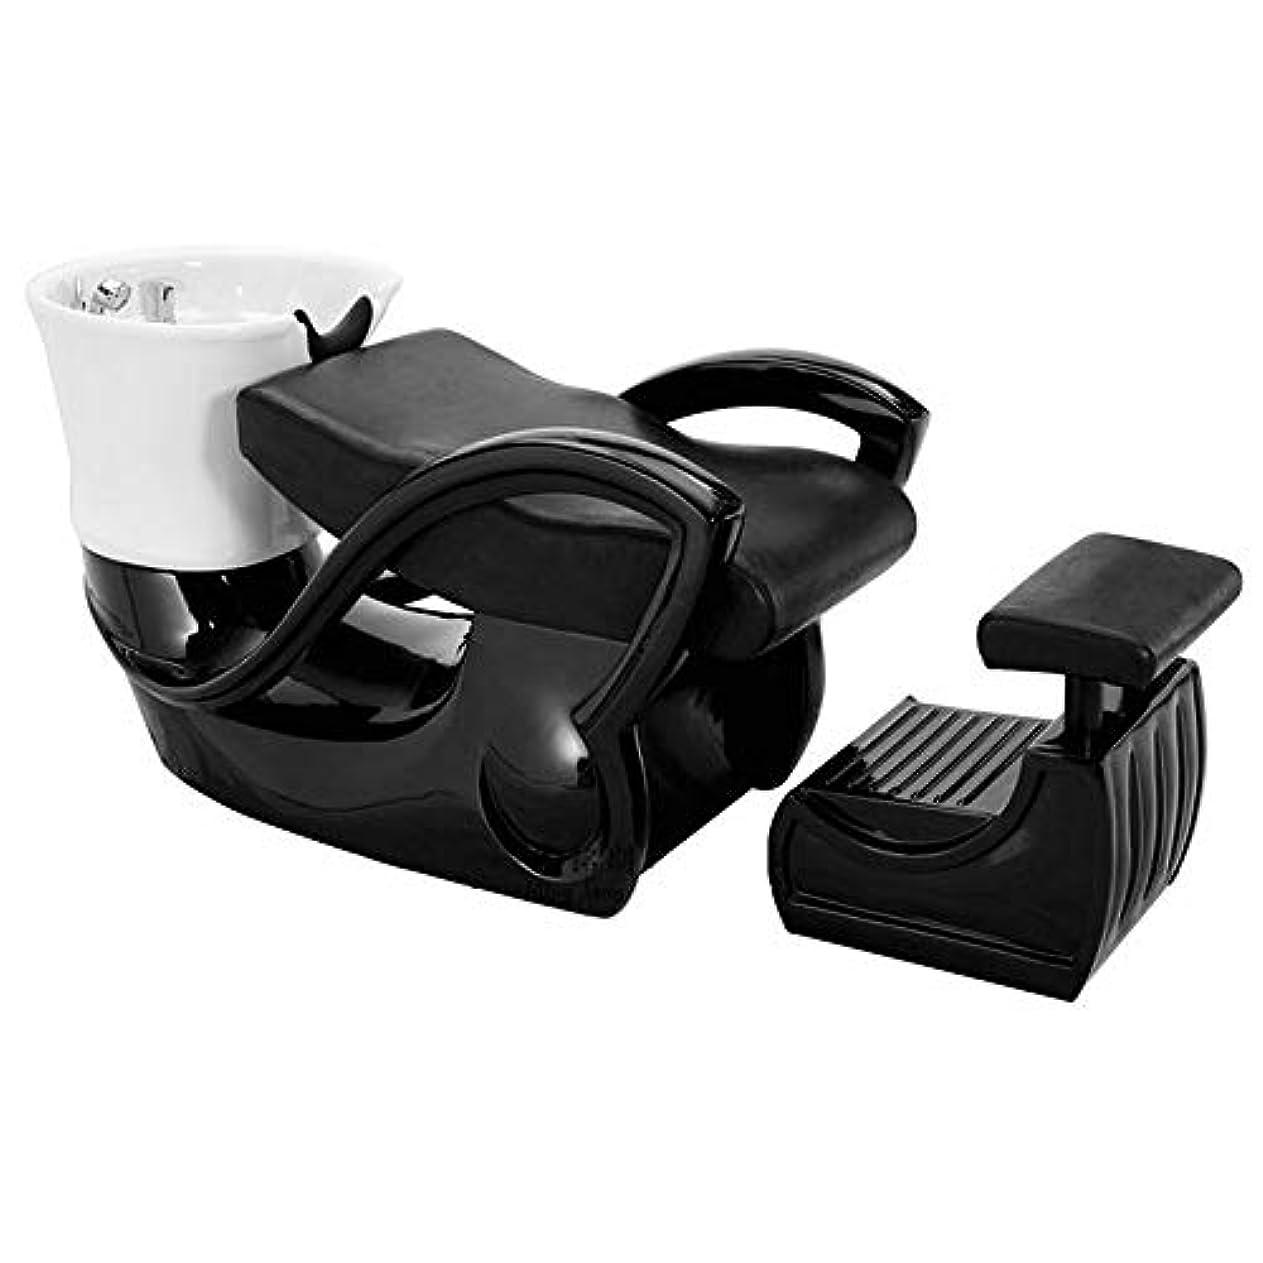 可能性寝室を掃除する平らなシャンプーの椅子、鉱泉の大広間装置の陶磁器の深い洗面器のシャンプーのベッドのための逆洗の単位のシャンプーボールの理髪の流しの椅子